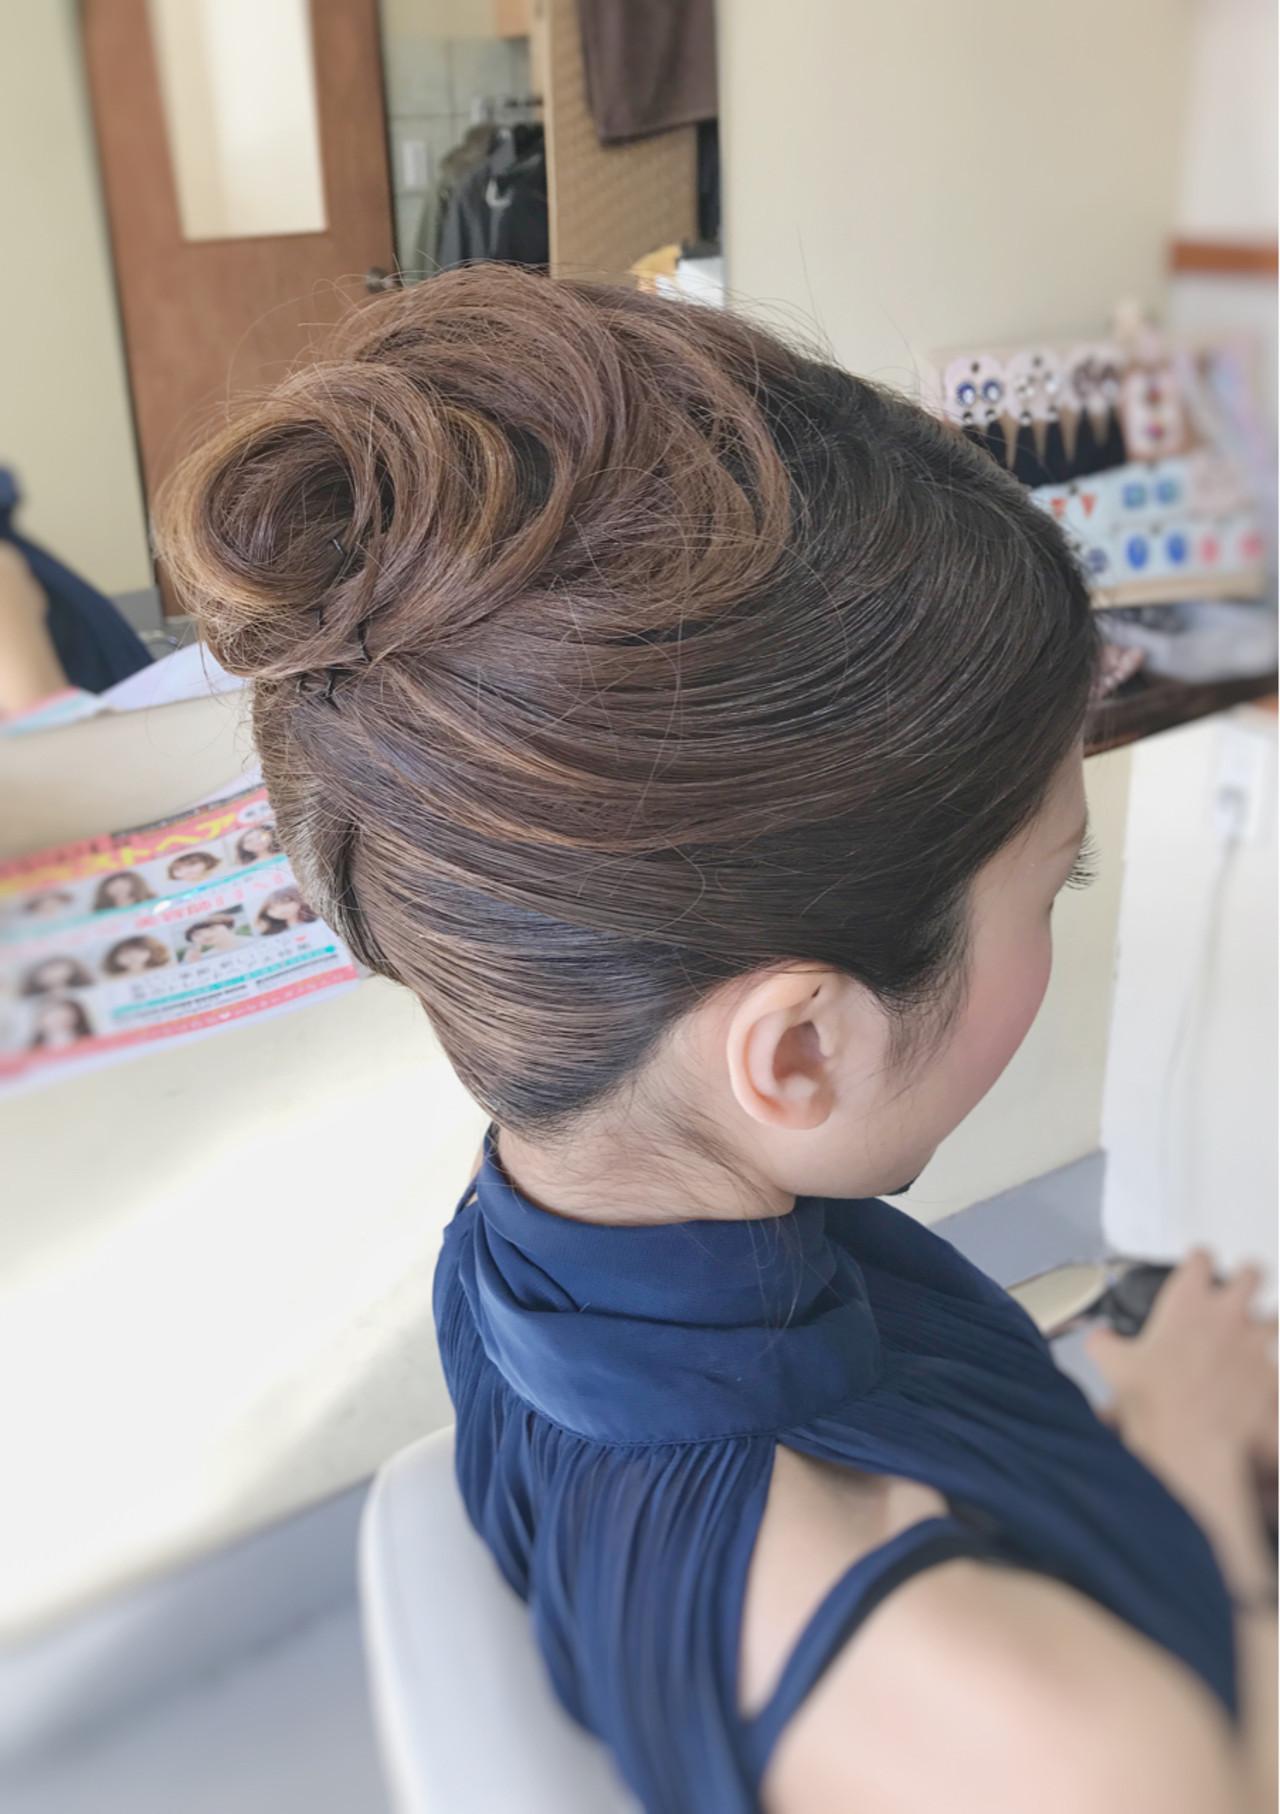 セミロング 大人女子 上品 夜会巻 ヘアスタイルや髪型の写真・画像